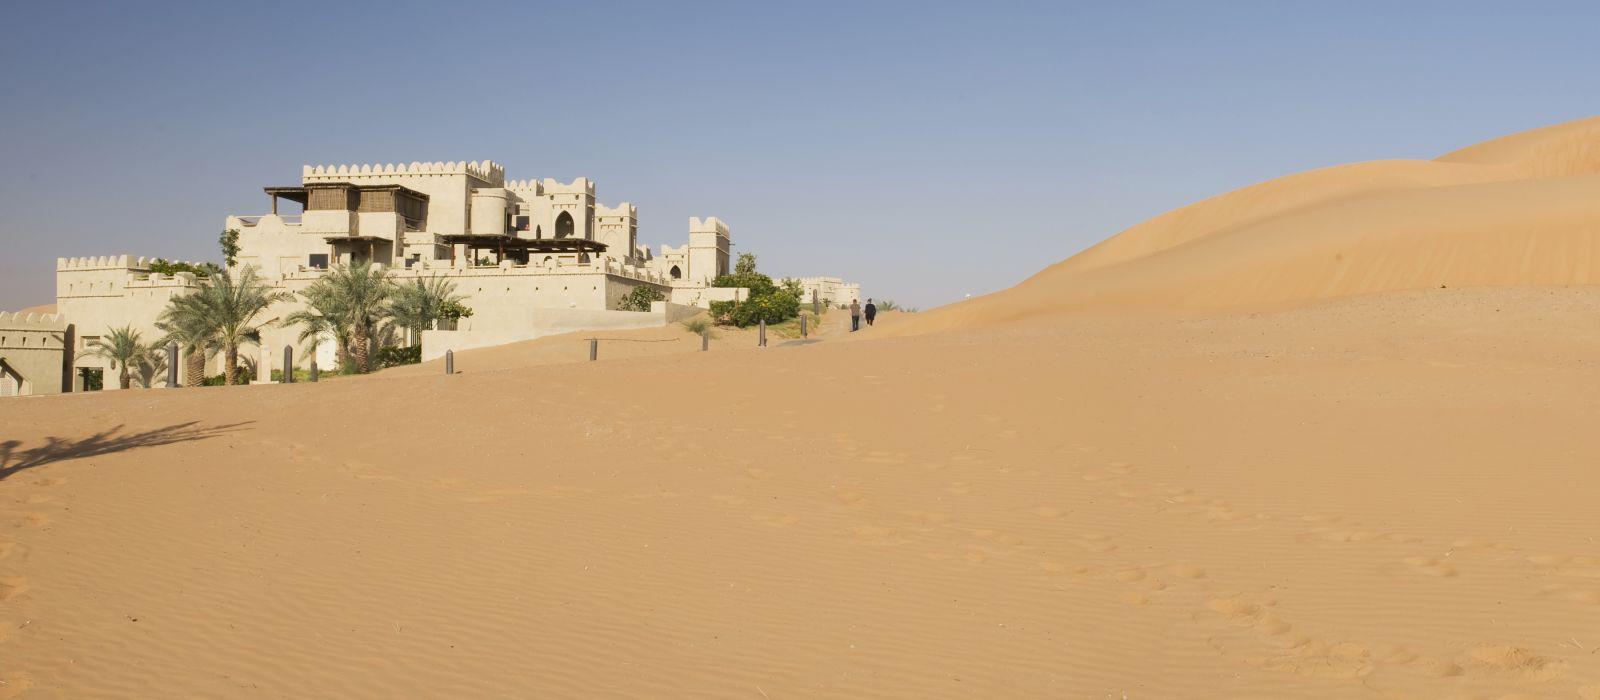 Dünenwüste, Abu Dhabi, VAE